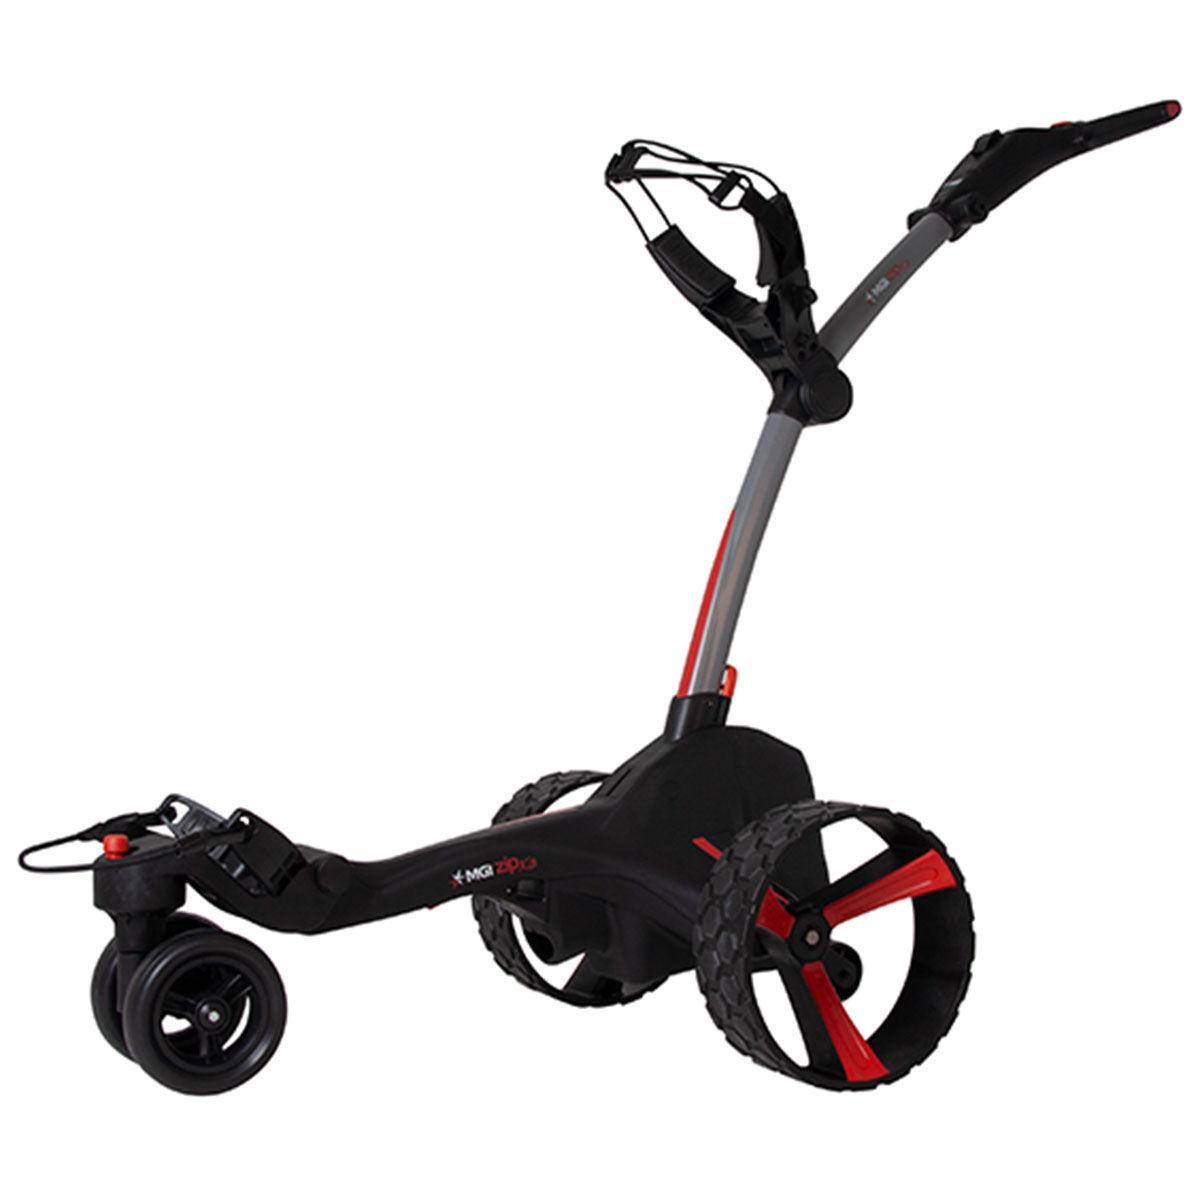 MGI Zip X3 Lithium Electric Golf Trolley, Titanium grey   American Golf